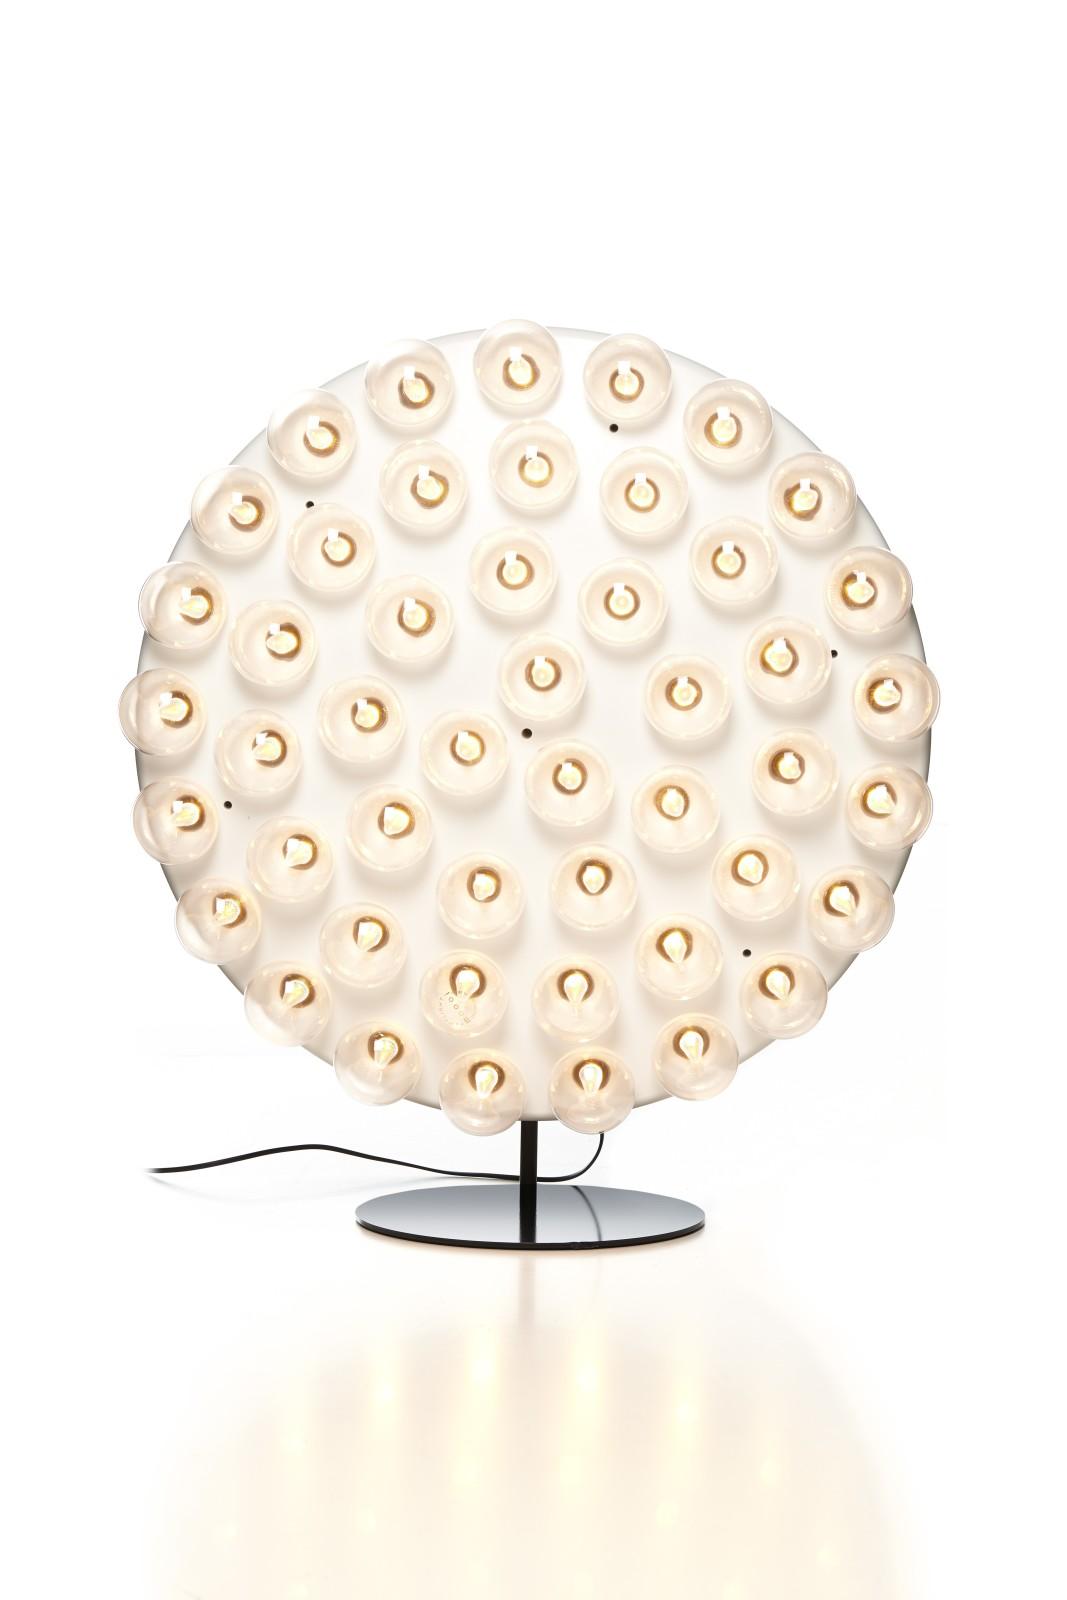 Prop Floor Lamp - Round, Set of 2 2700K